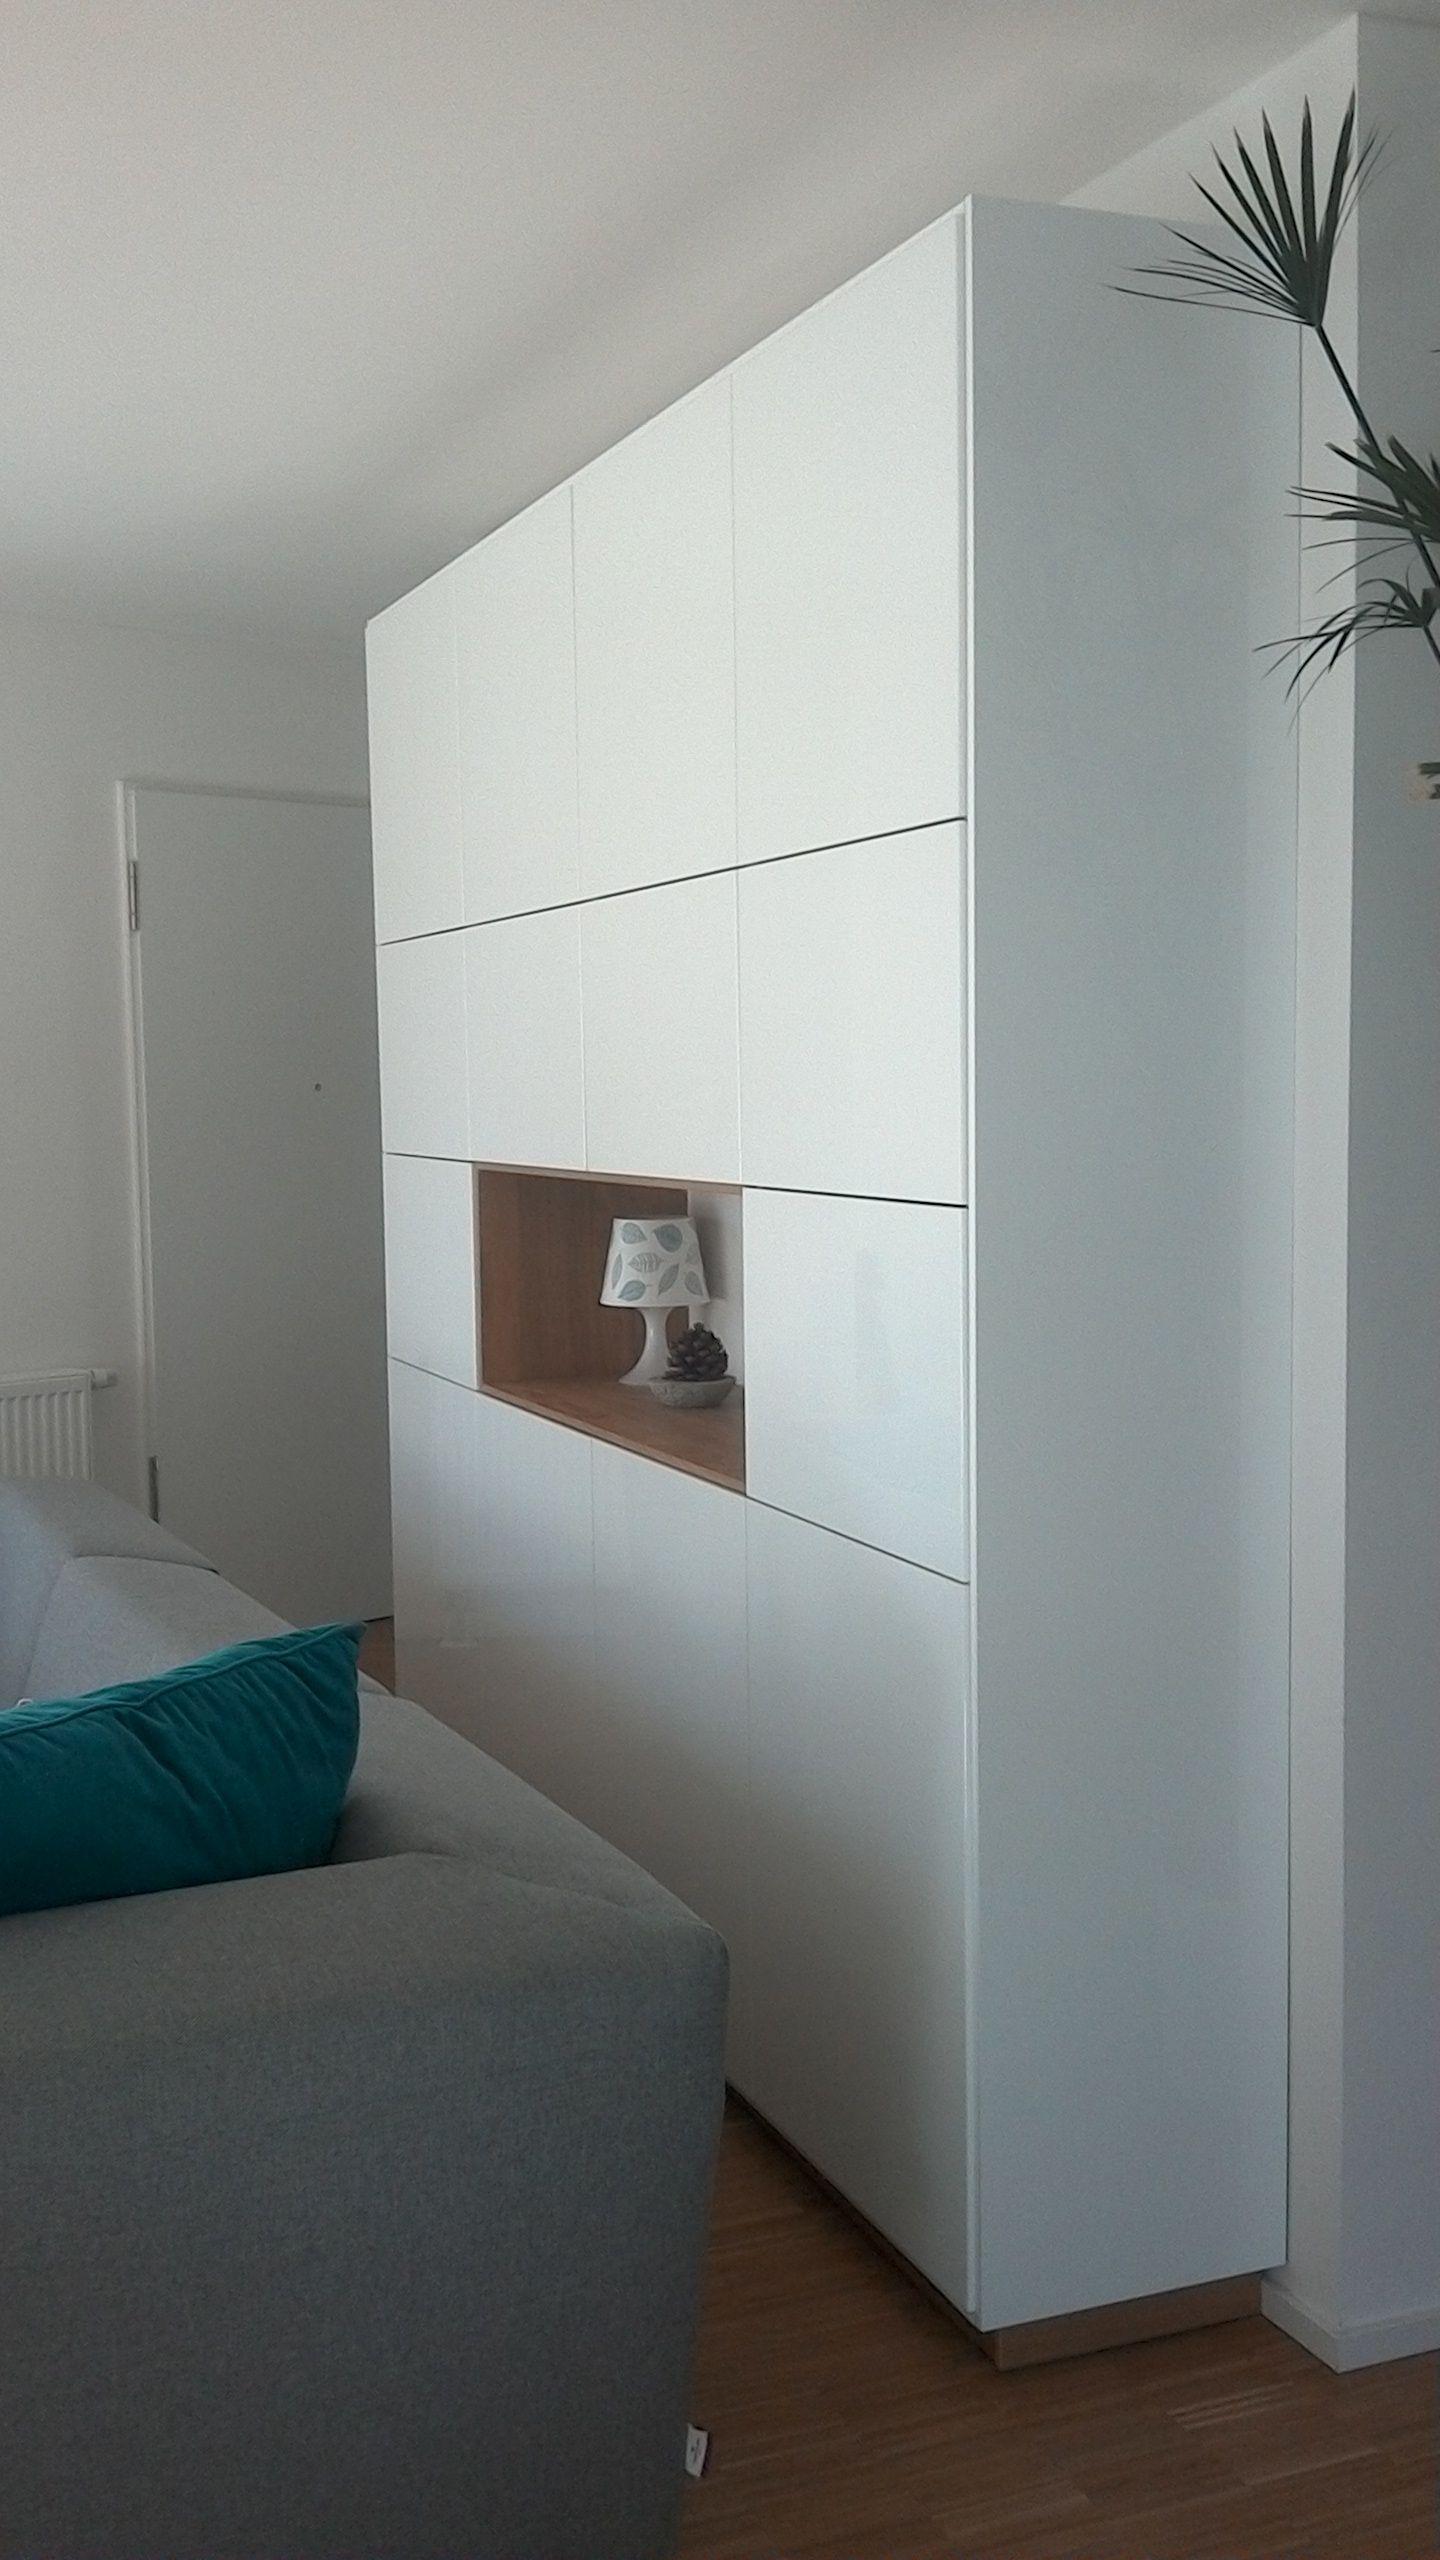 Full Size of Ikea Wohnzimmerschrank Method Ringhult Plus Hyttan Als Betten Bei Modulküche Küche Kaufen Kosten 160x200 Sofa Mit Schlaffunktion Miniküche Wohnzimmer Ikea Wohnzimmerschrank